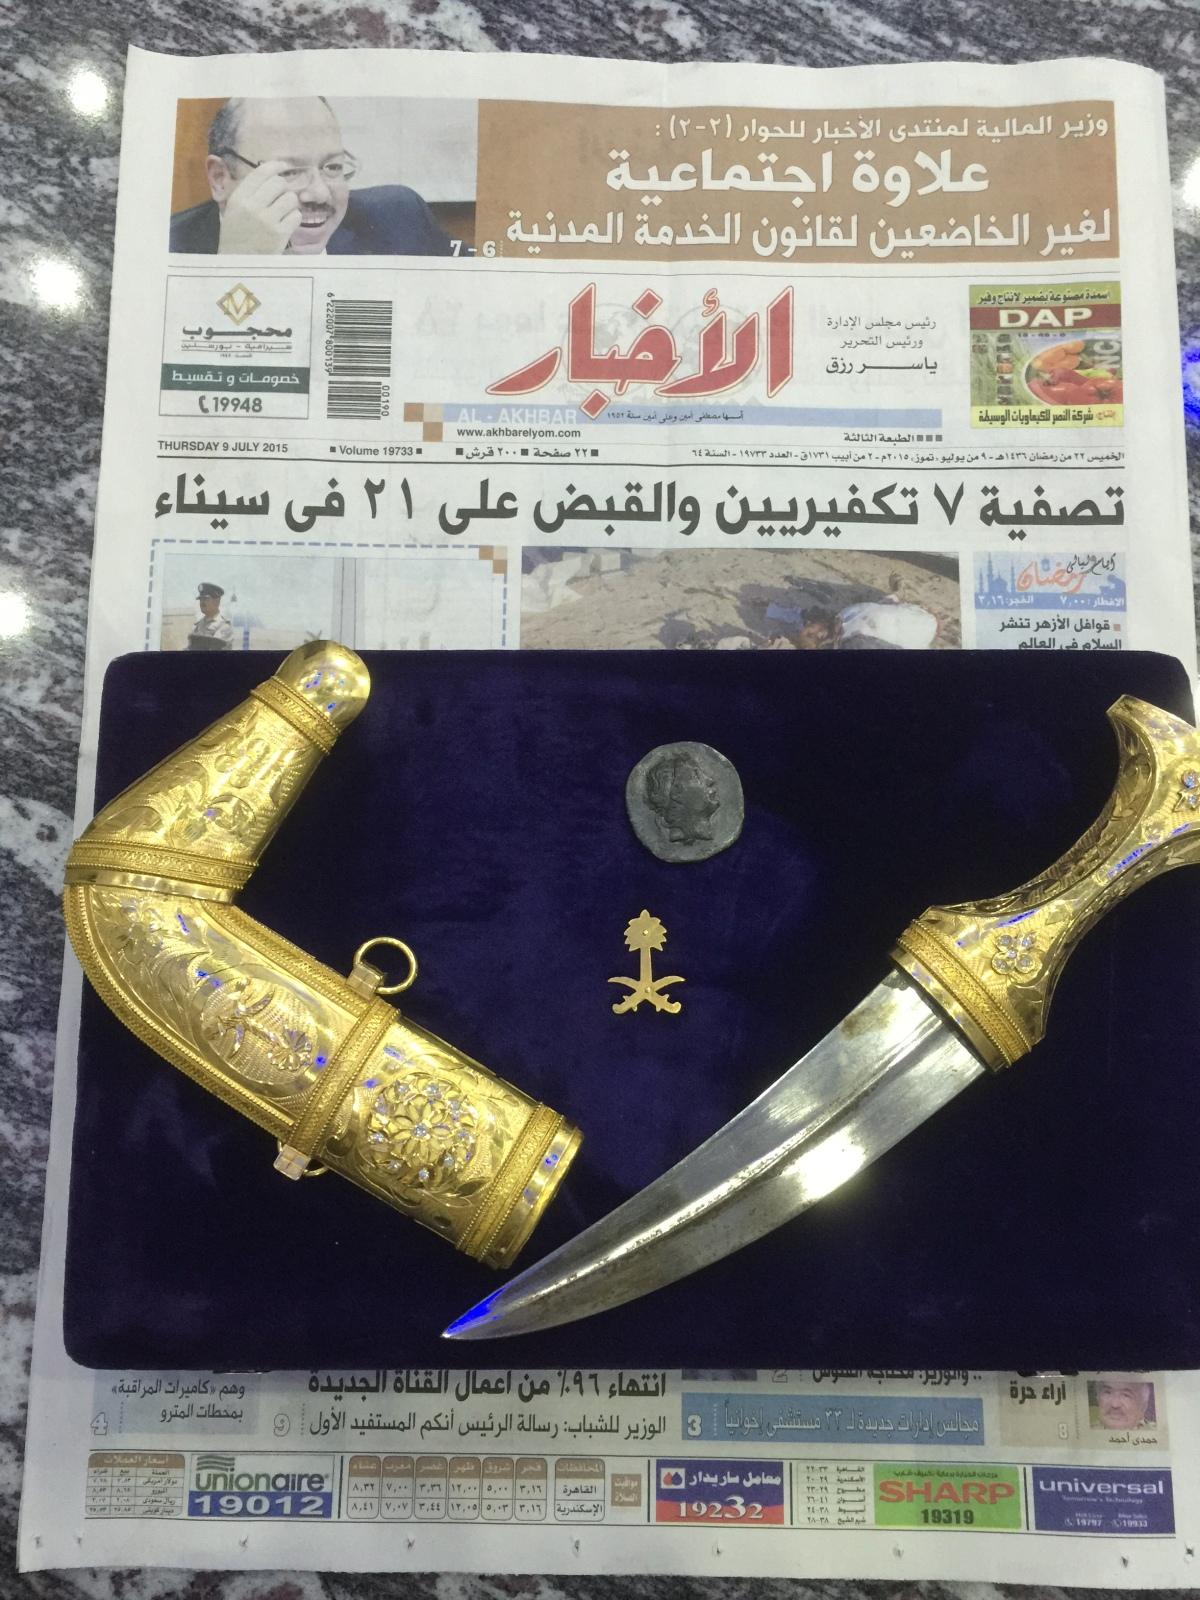 تقيم خنجر من الذهب I6jt3r